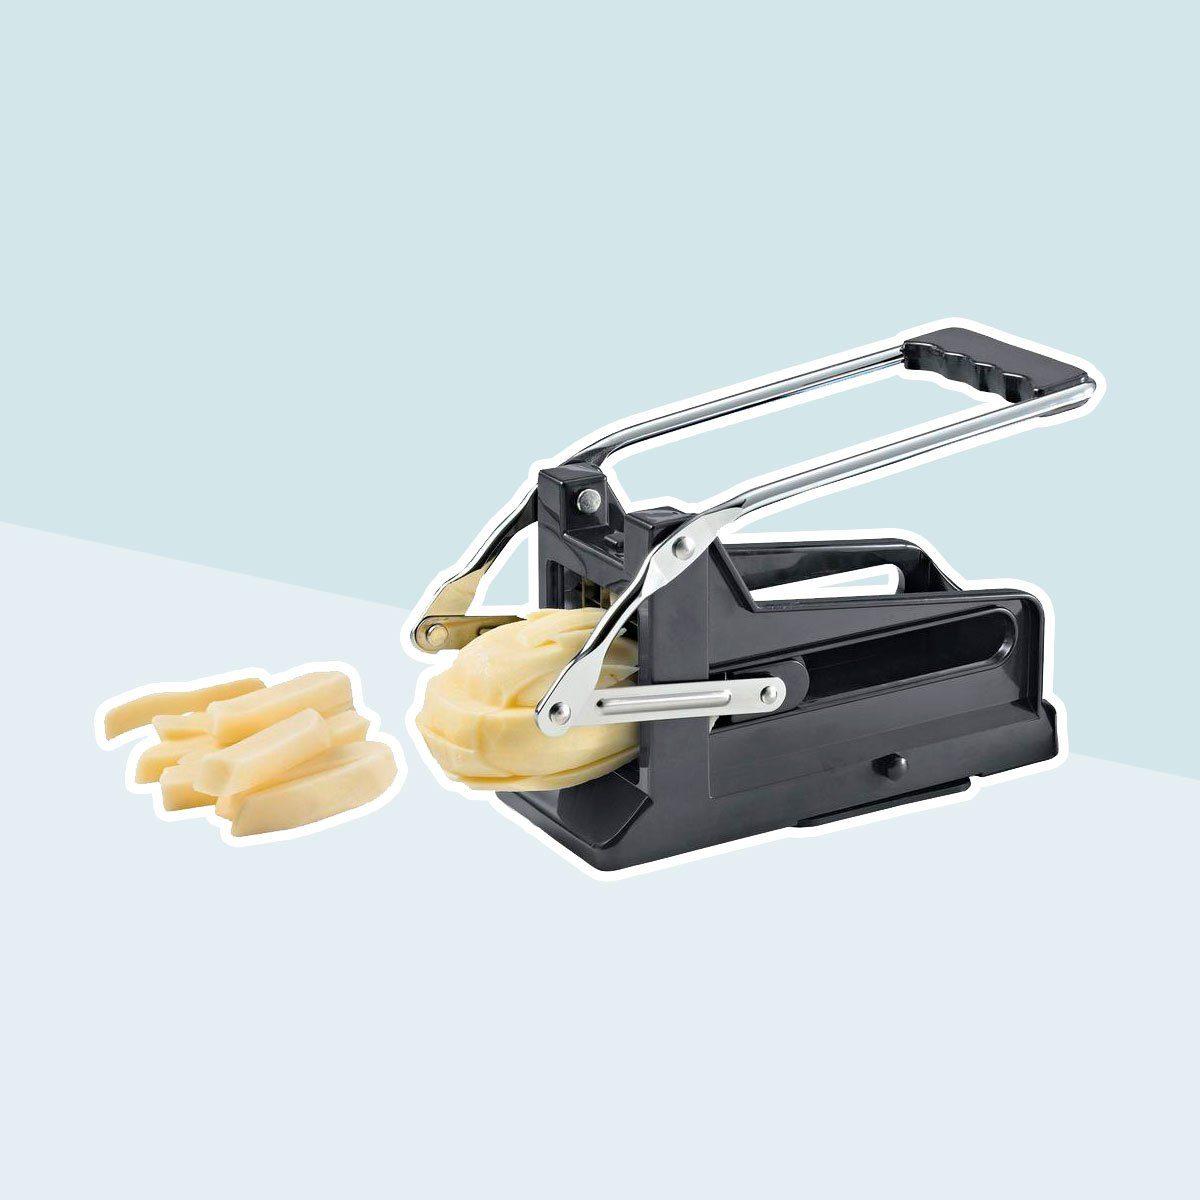 Gourmet Fry Cutter